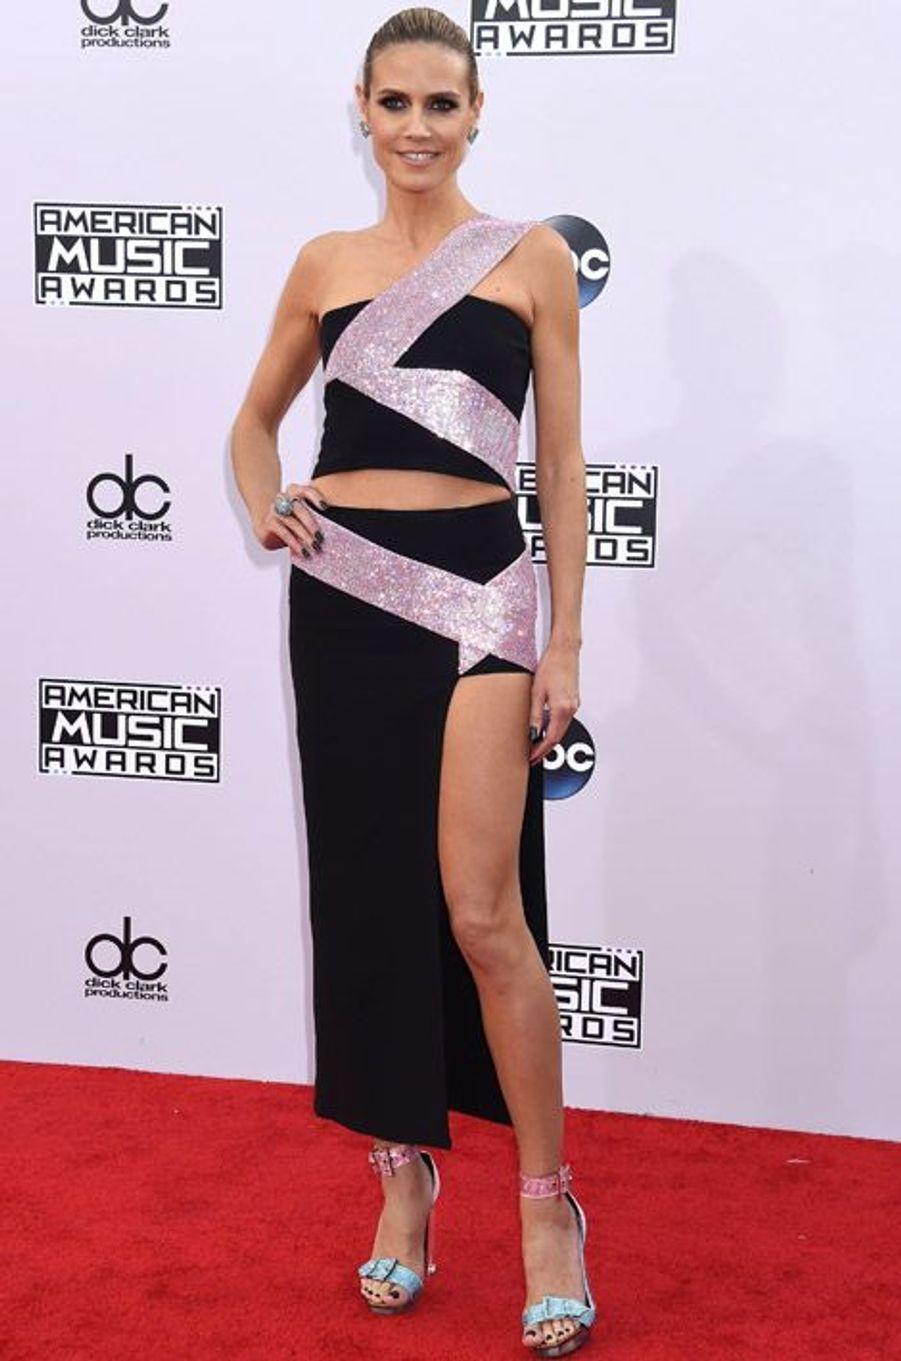 Le mannequin Heidi Klum en Versace lors de la cérémonie des American Music Awards à Los Angeles, le 23 novembre 2014